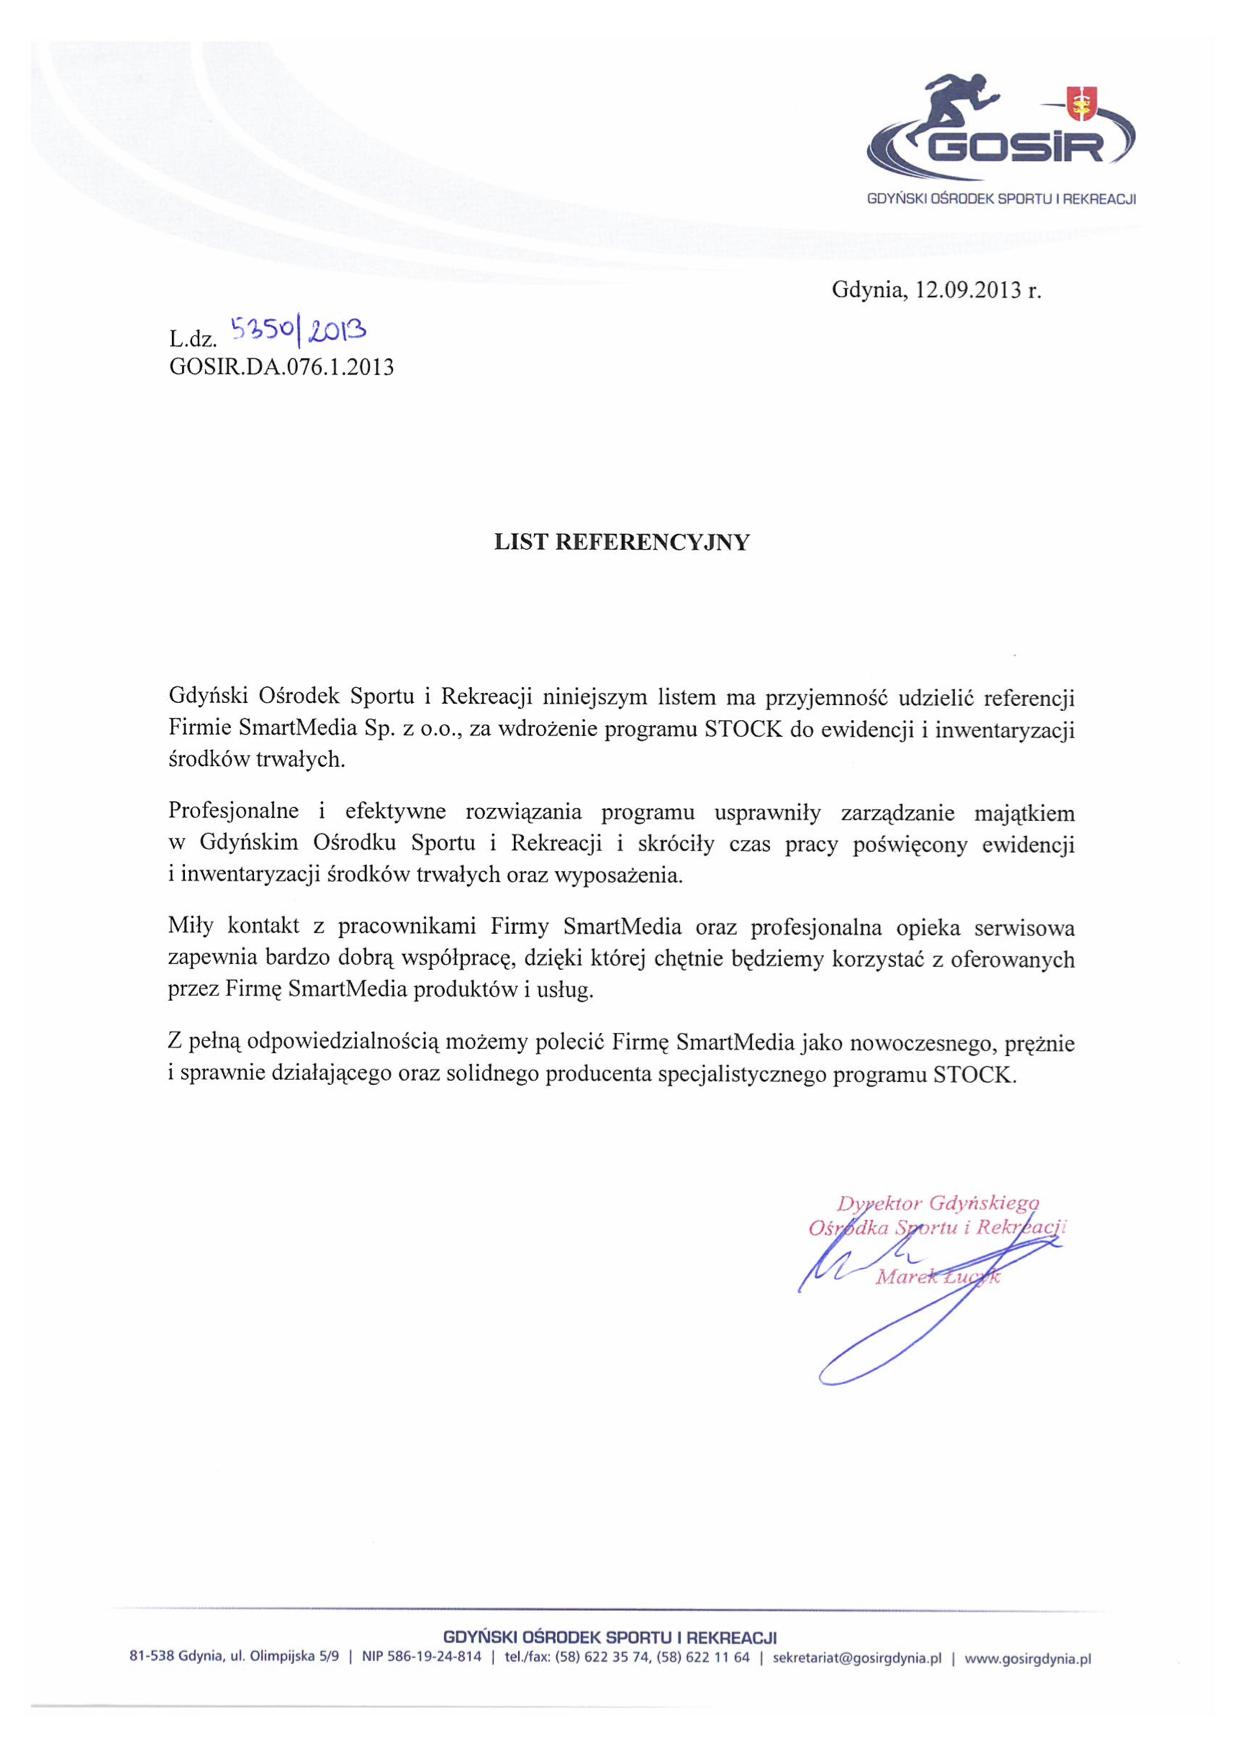 Gdyński Ośrodek Sportu i Rekreacji